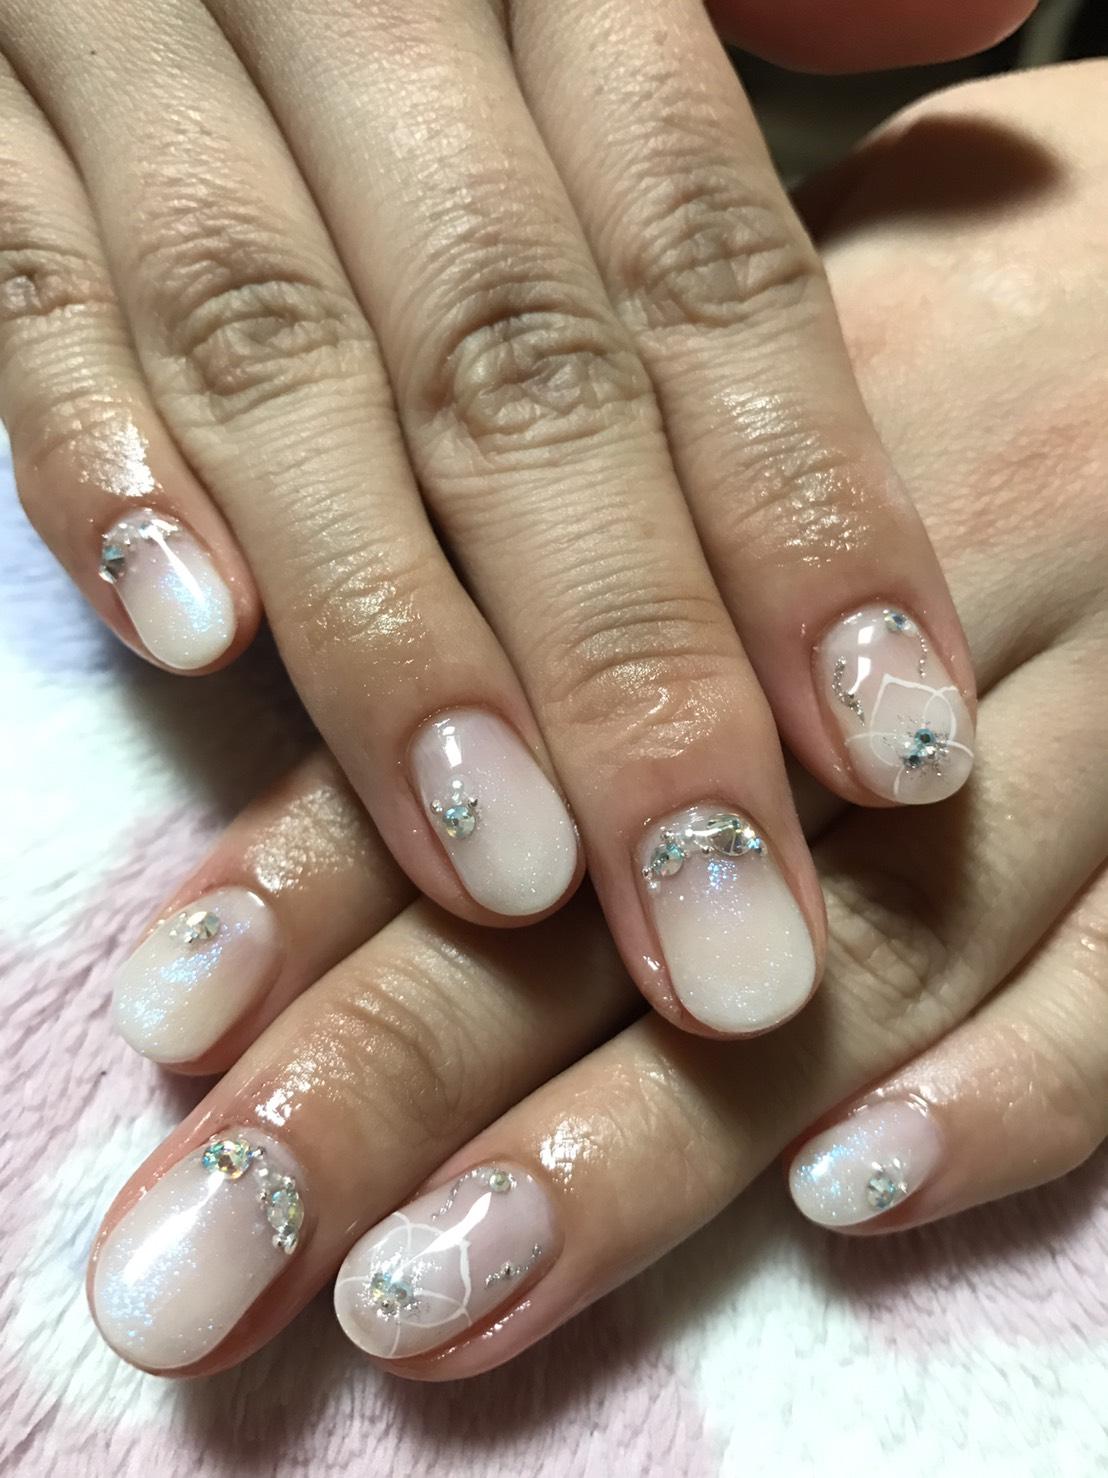 【結婚式ブログ】~美容編~ブライダルエステのリサーチはお早めに!